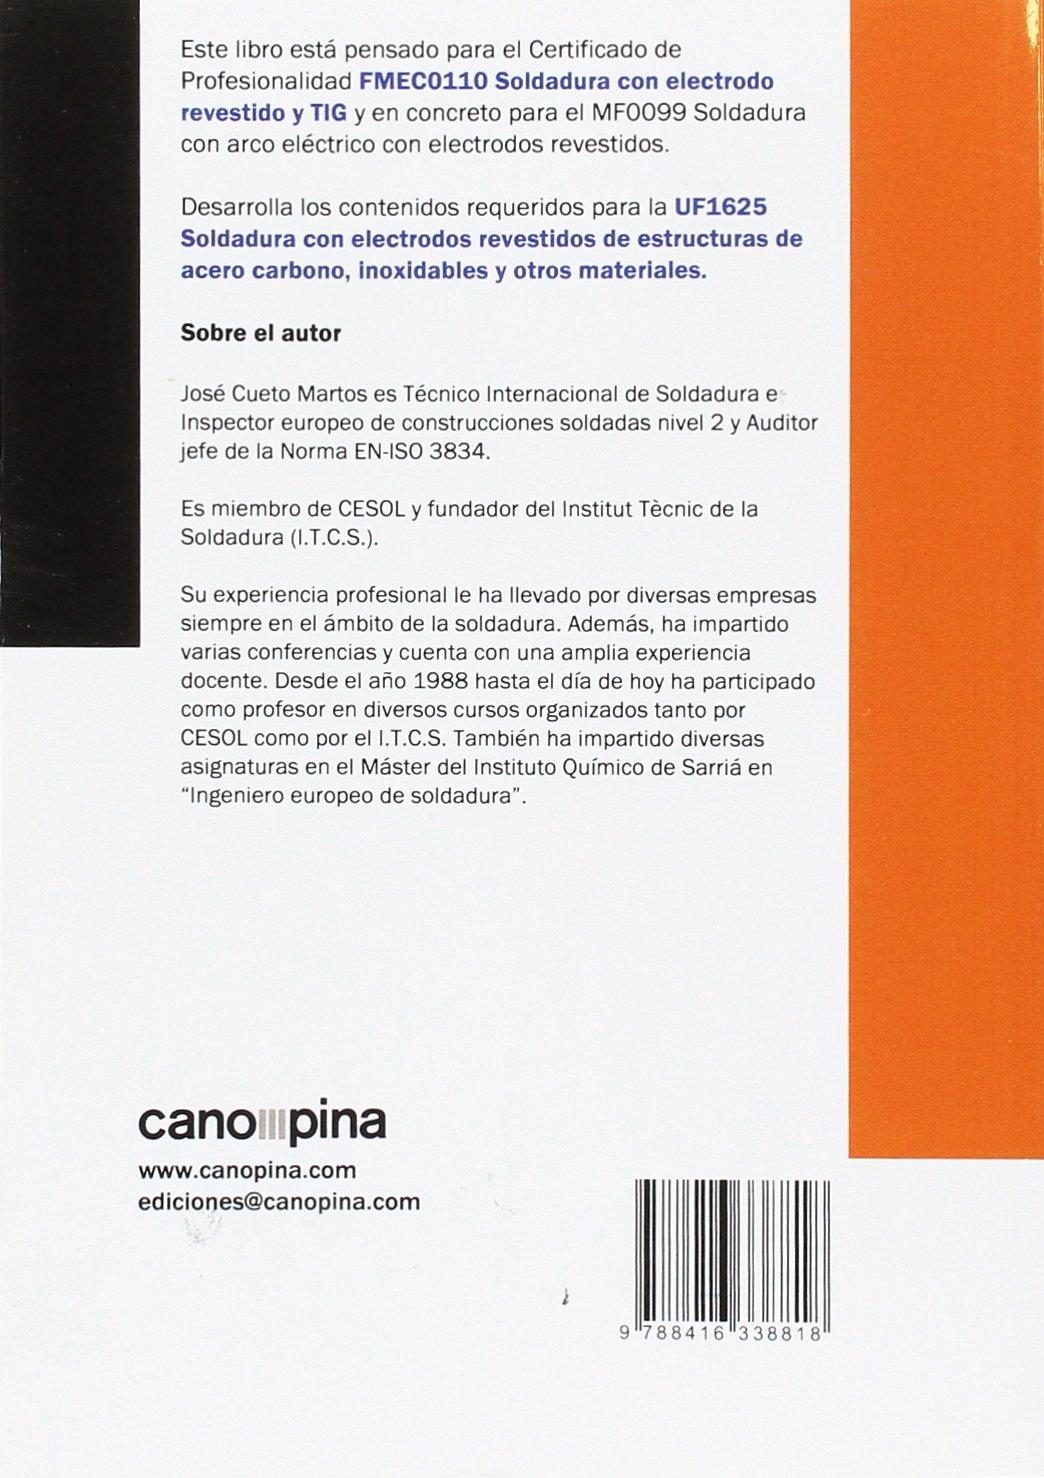 UF1625 Soldadura con electrodos revestidos de estructuras de acero carbono, inoxidables y otros materiales: Amazon.es: José Cueto Martos: Libros